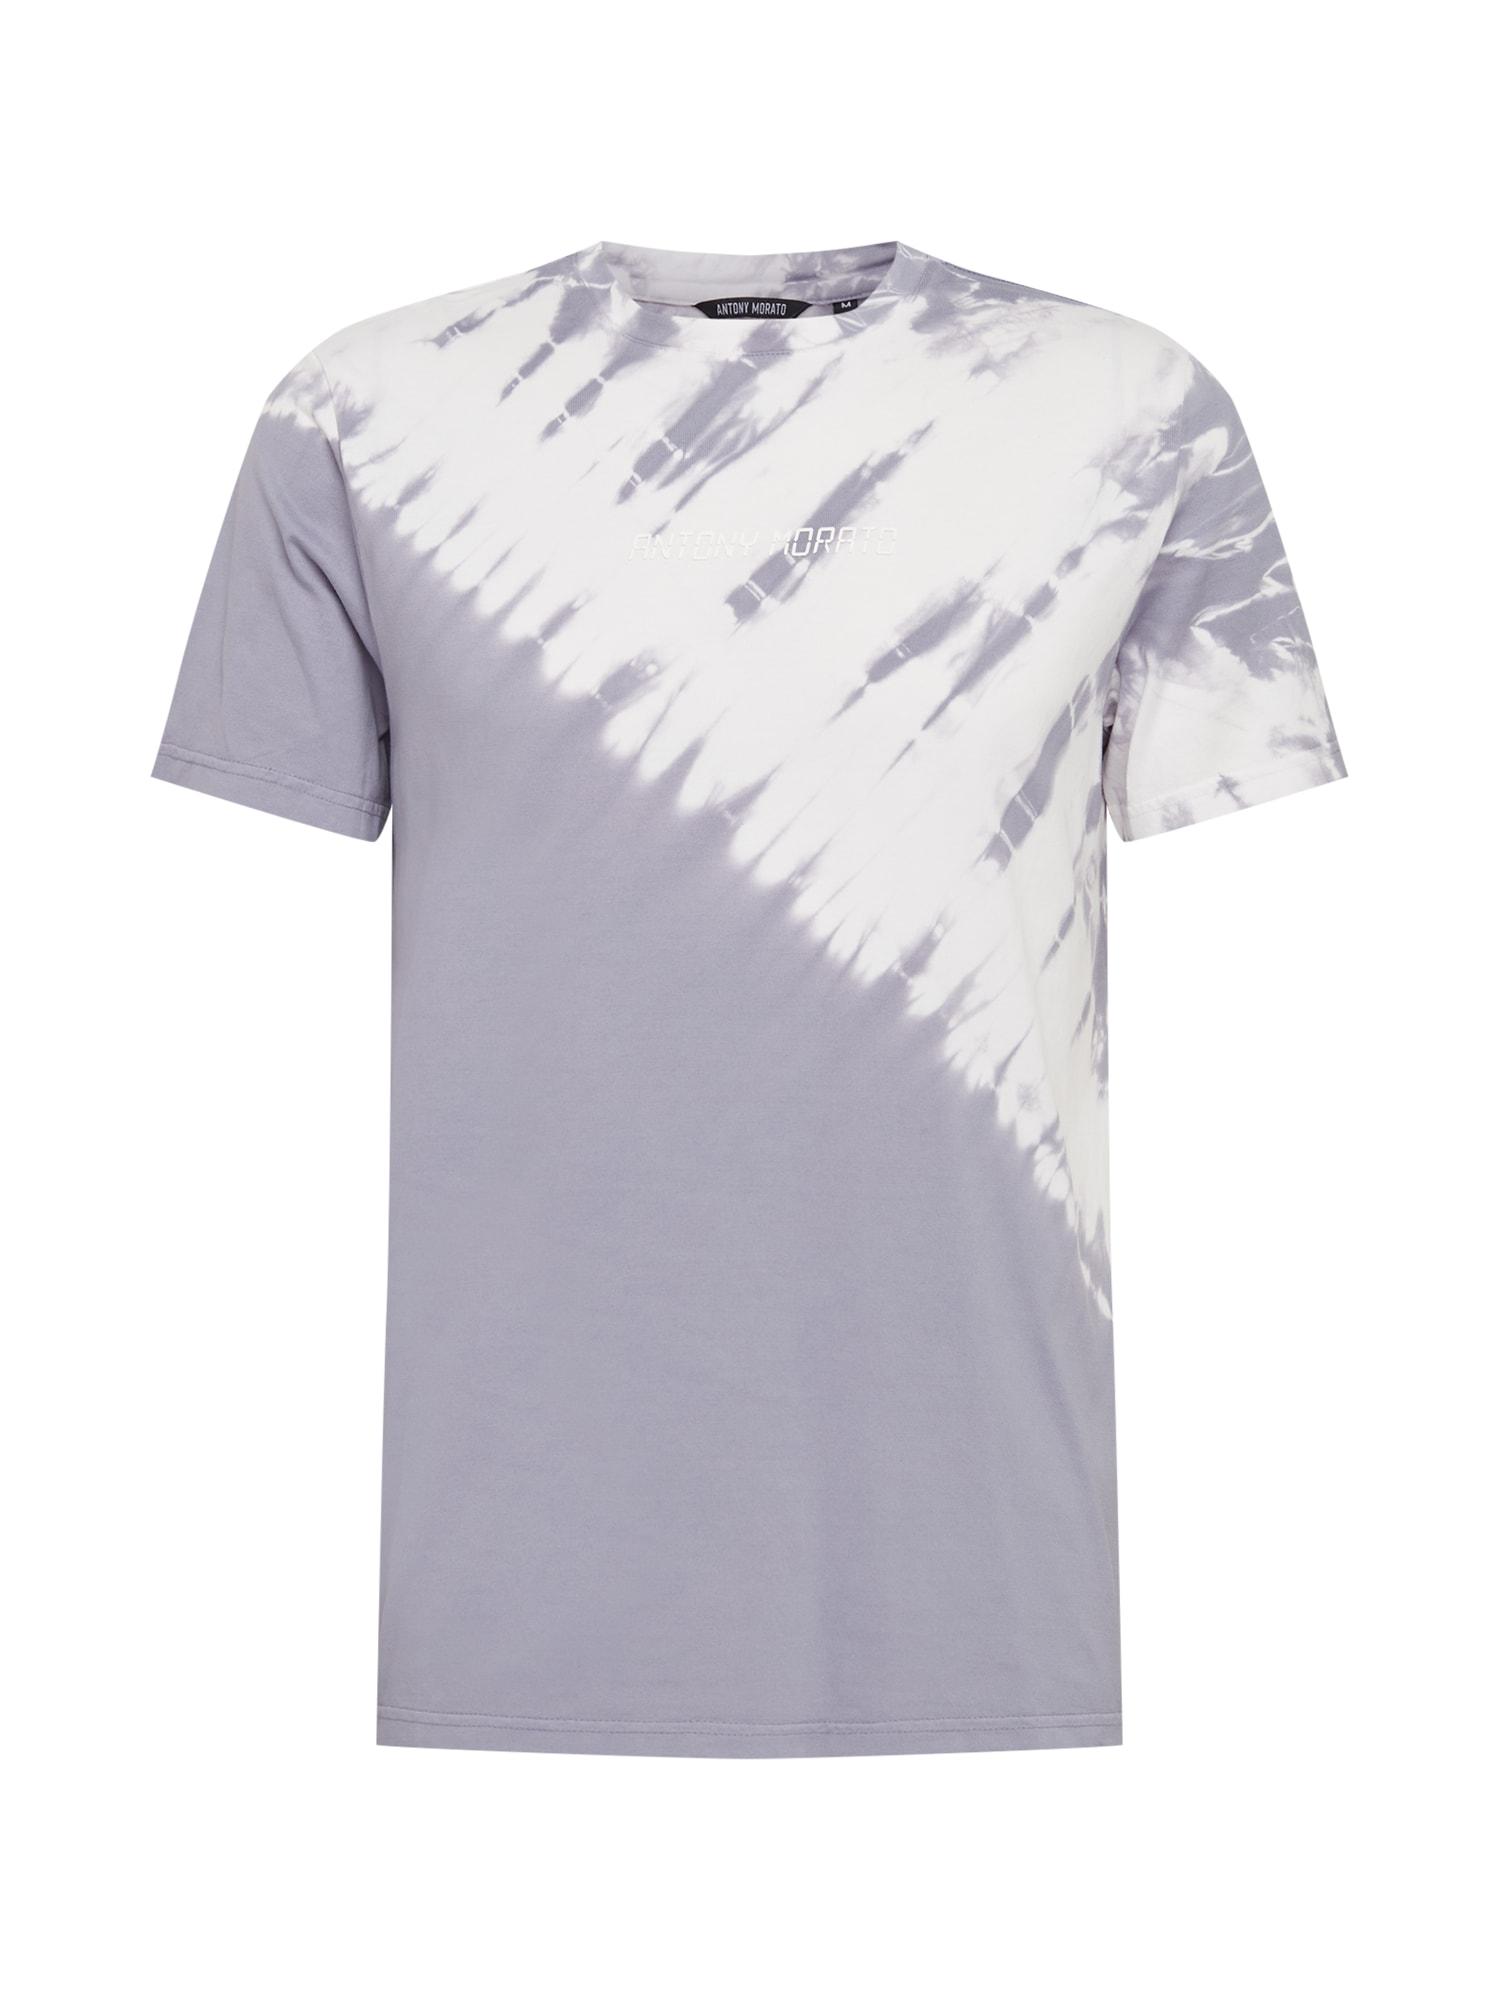 ANTONY MORATO Marškinėliai alyvinė spalva / balta